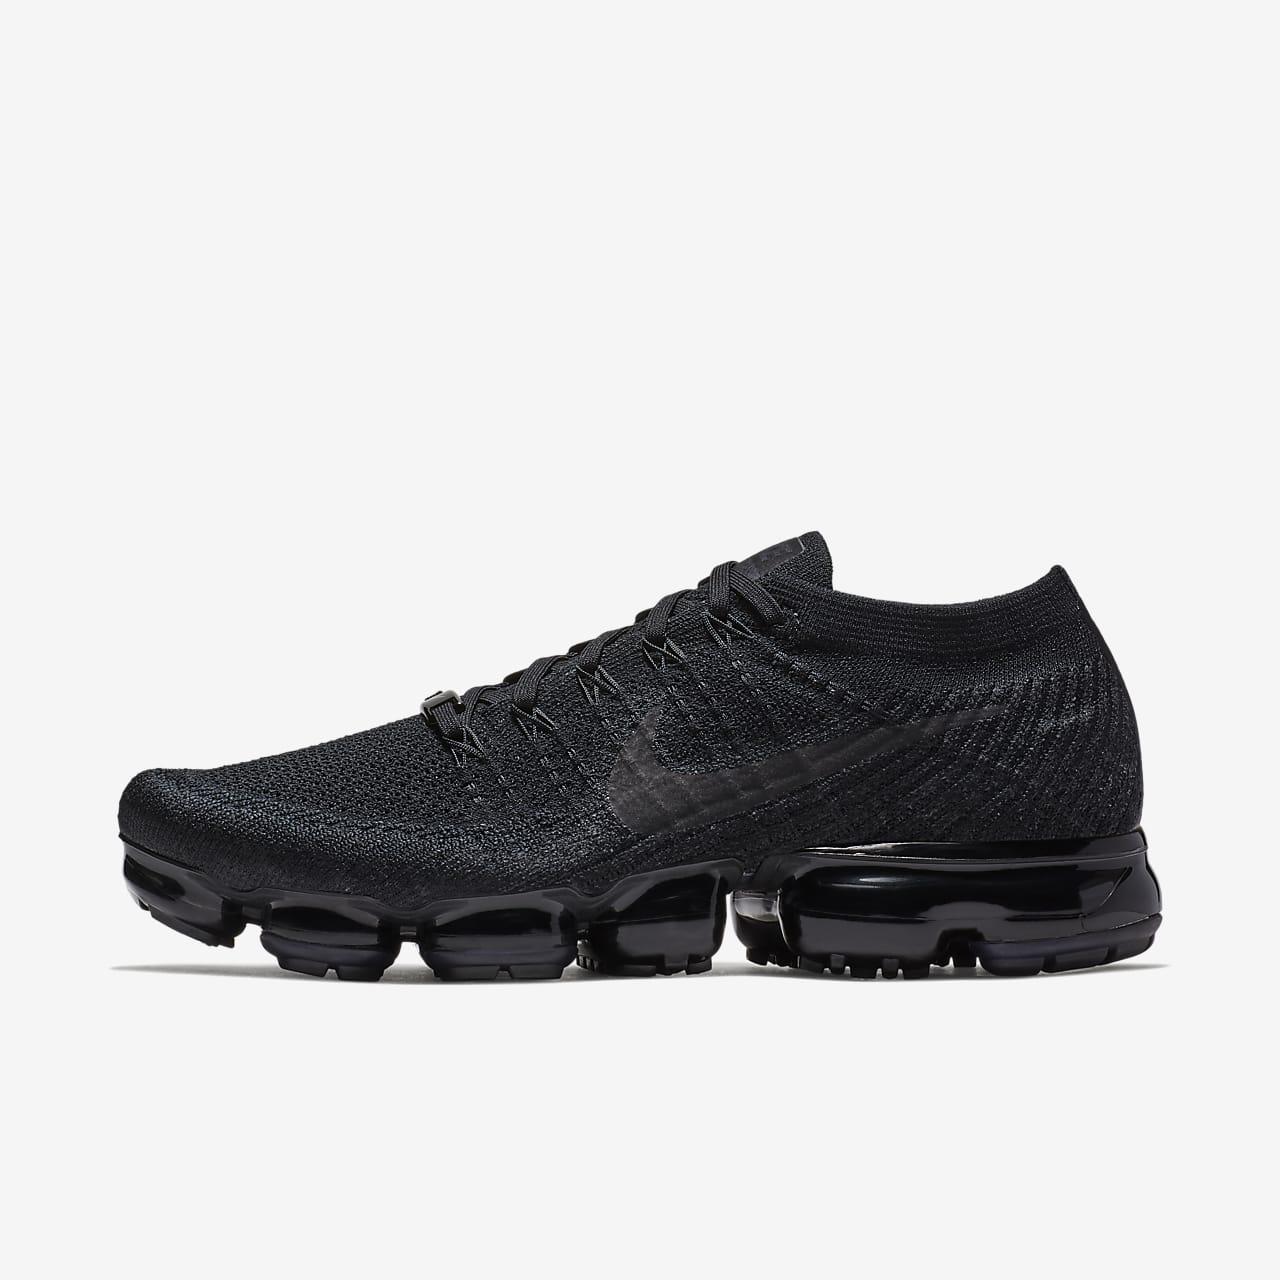 Chaussure de running Nike Air VaporMax Flyknit pour Homme